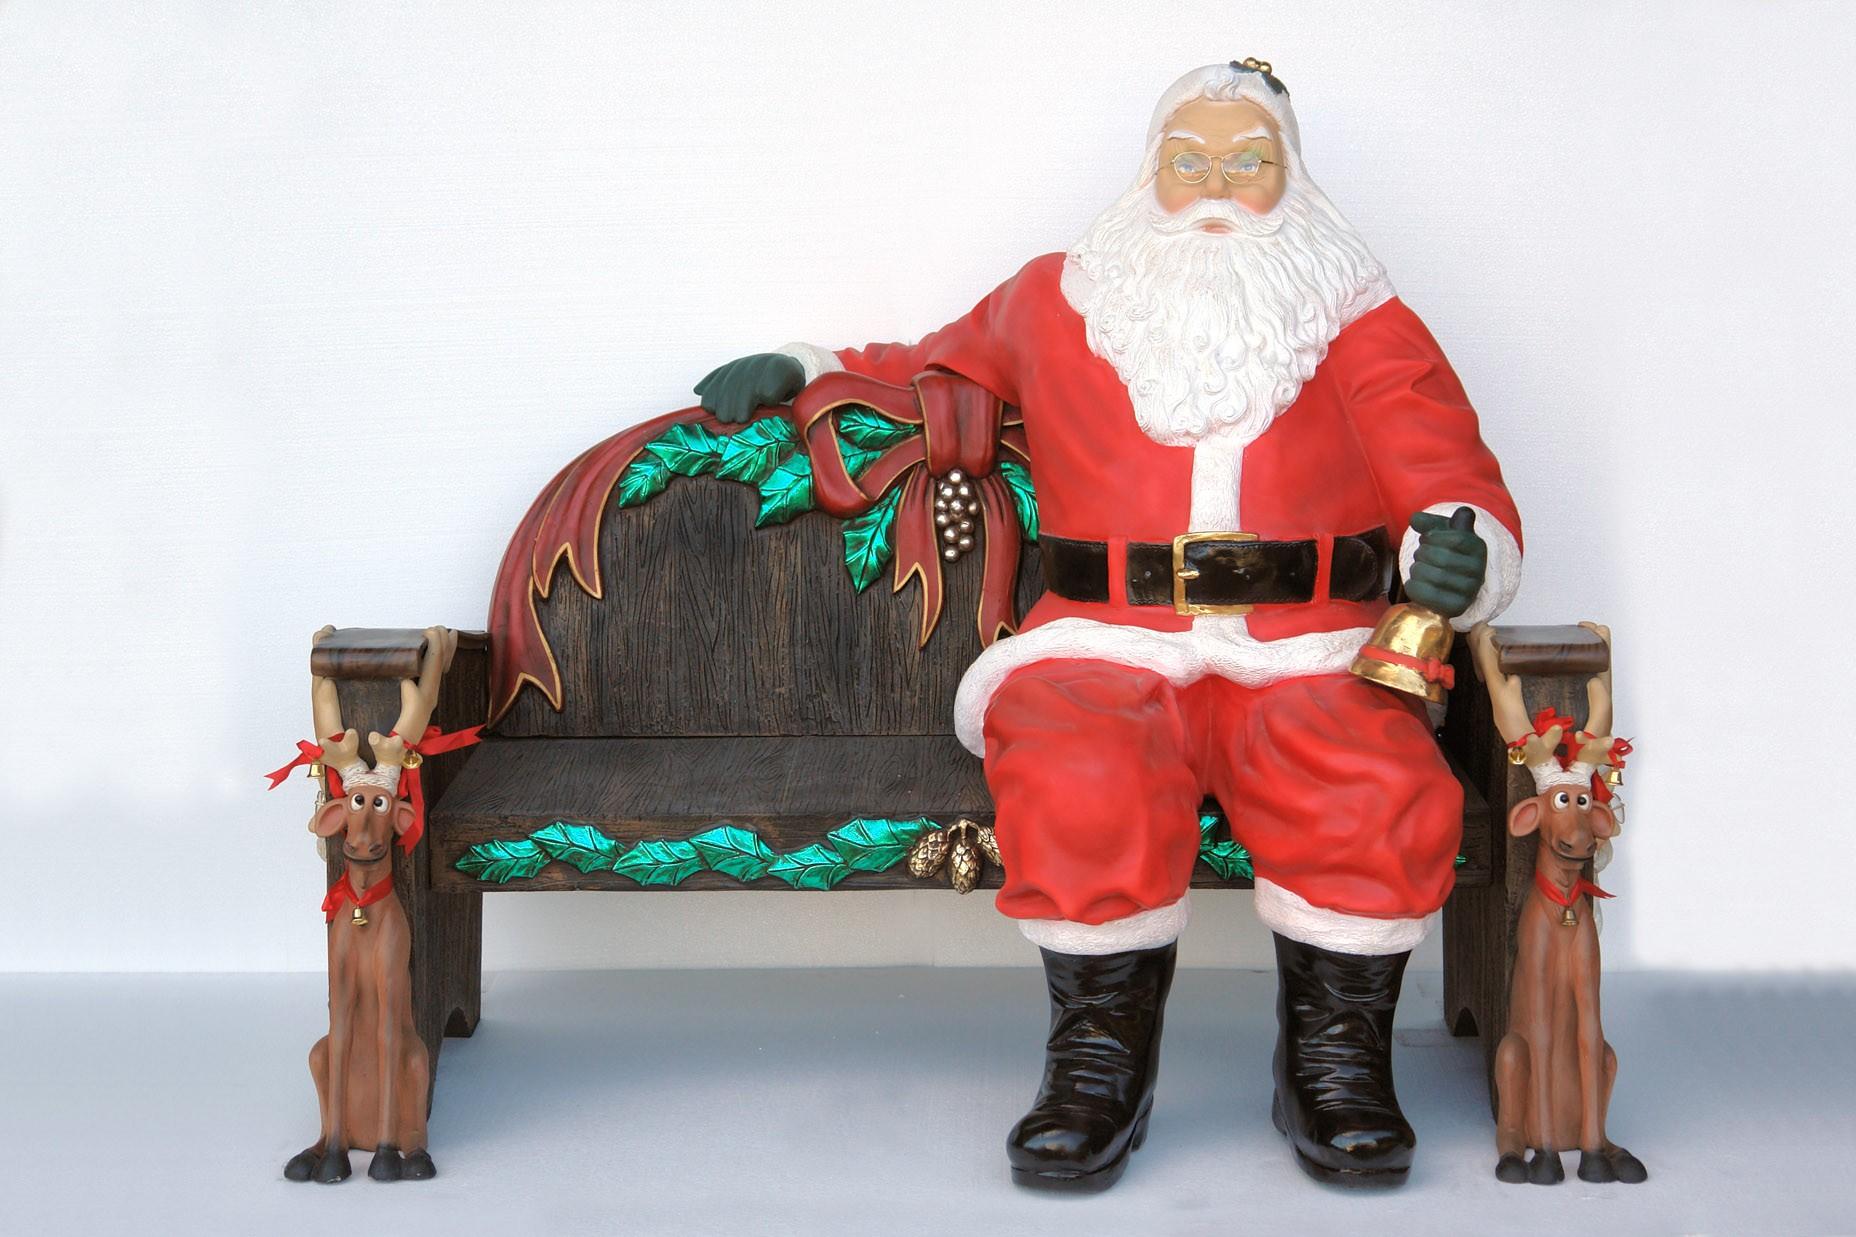 Weihnachtsmann deko aussen bestseller shop mit top marken for Top deko shop